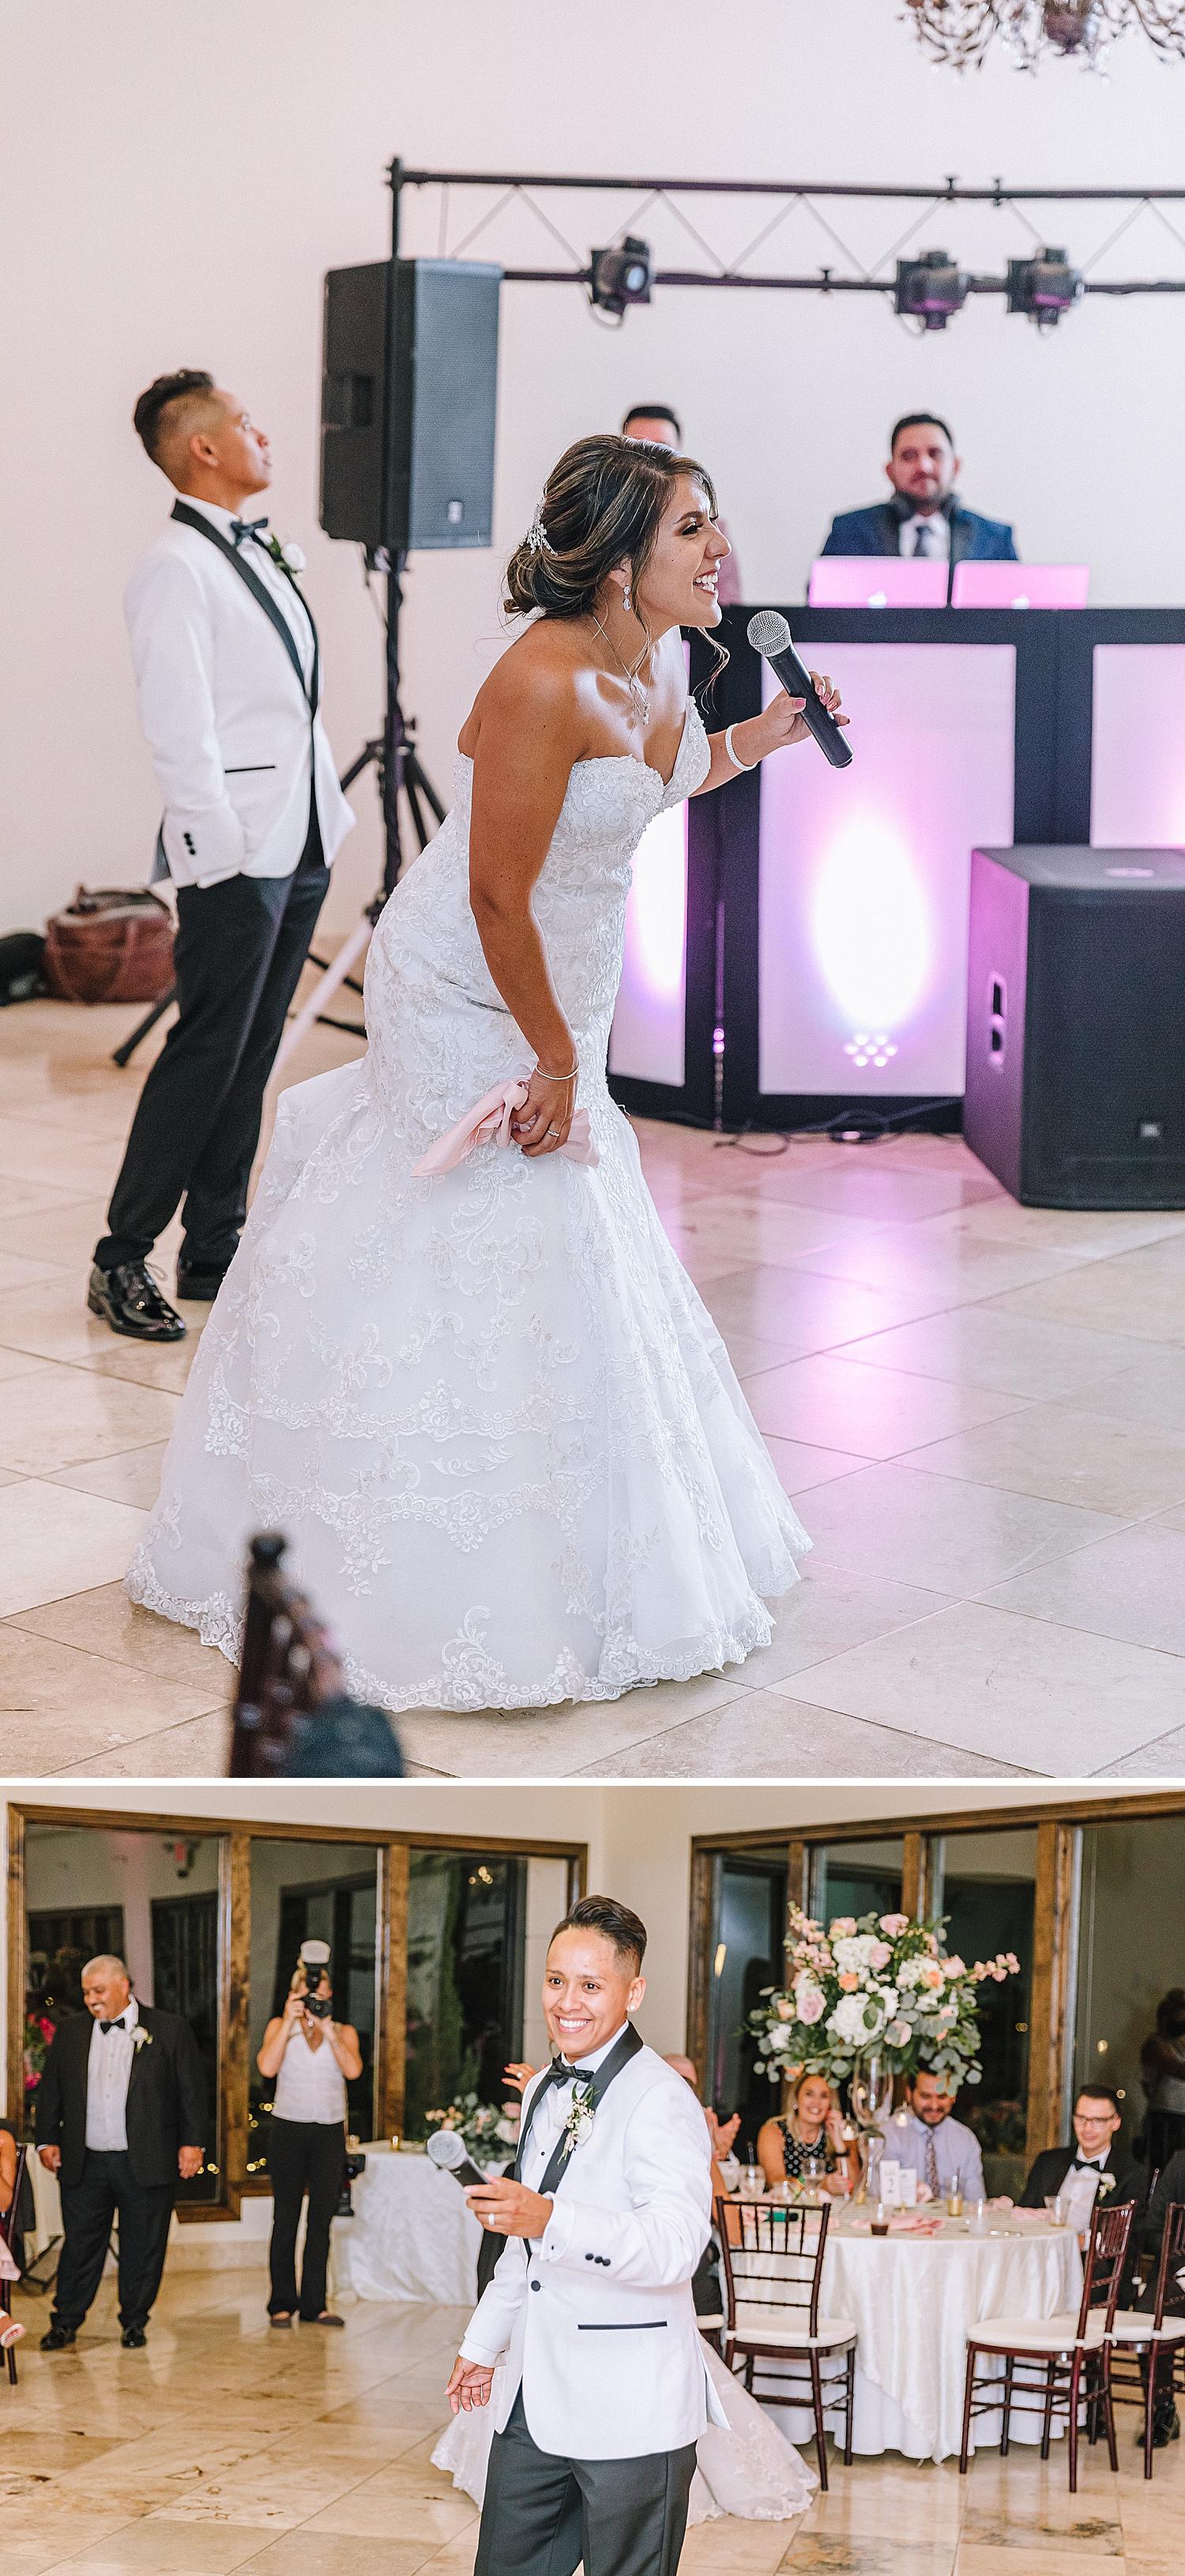 Carly-Barton-Photography-The-Villa-at-Cielo-Vista-Blush-Gold-White-Wedding-Photos_0069.jpg